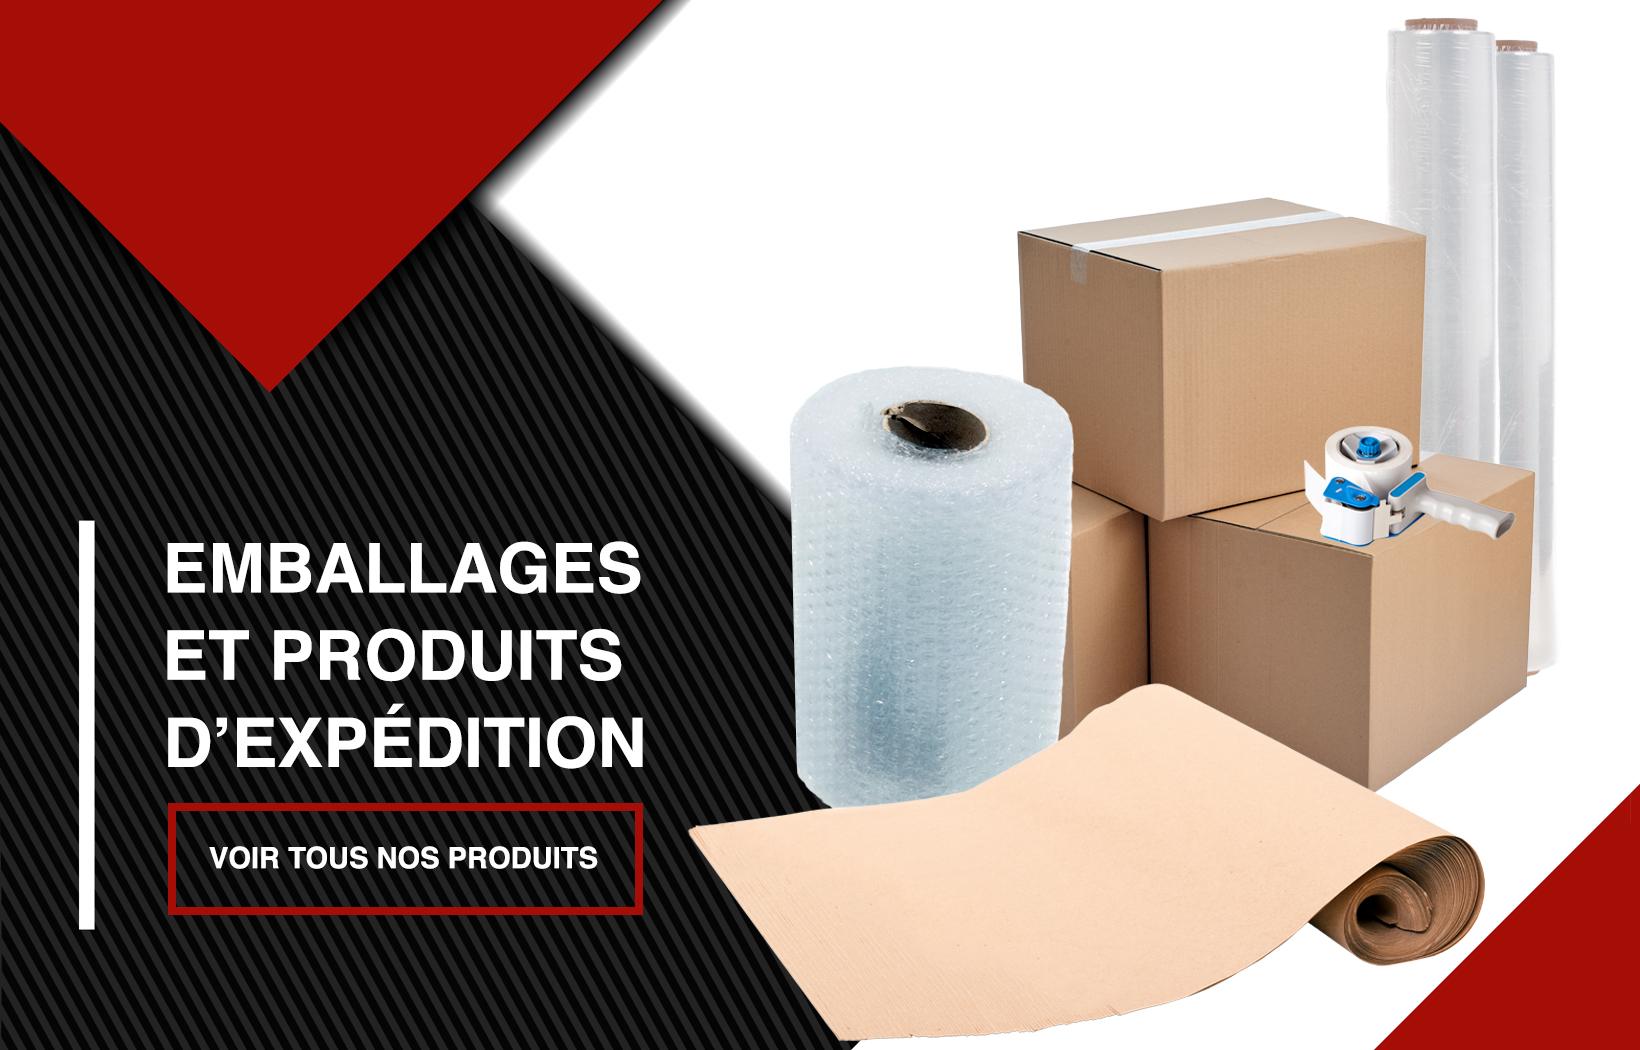 arteau-emballages-et-produits-dexpedition-1640×1050